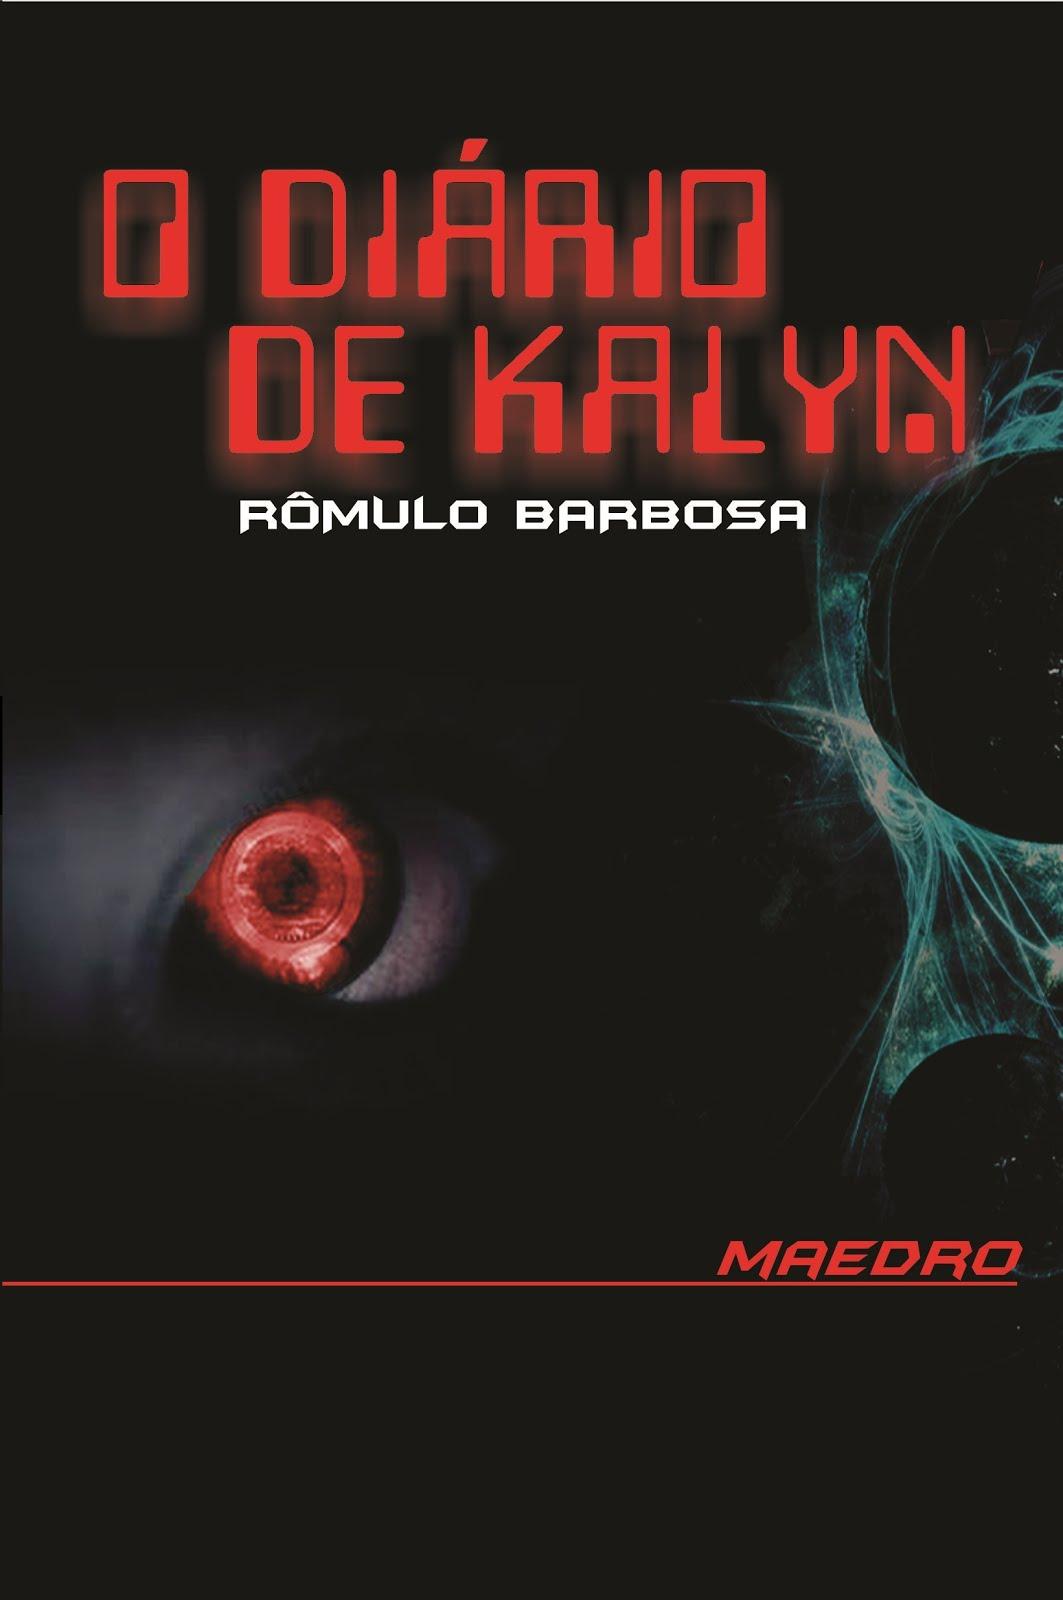 Maedro - O Diário de Kalyn